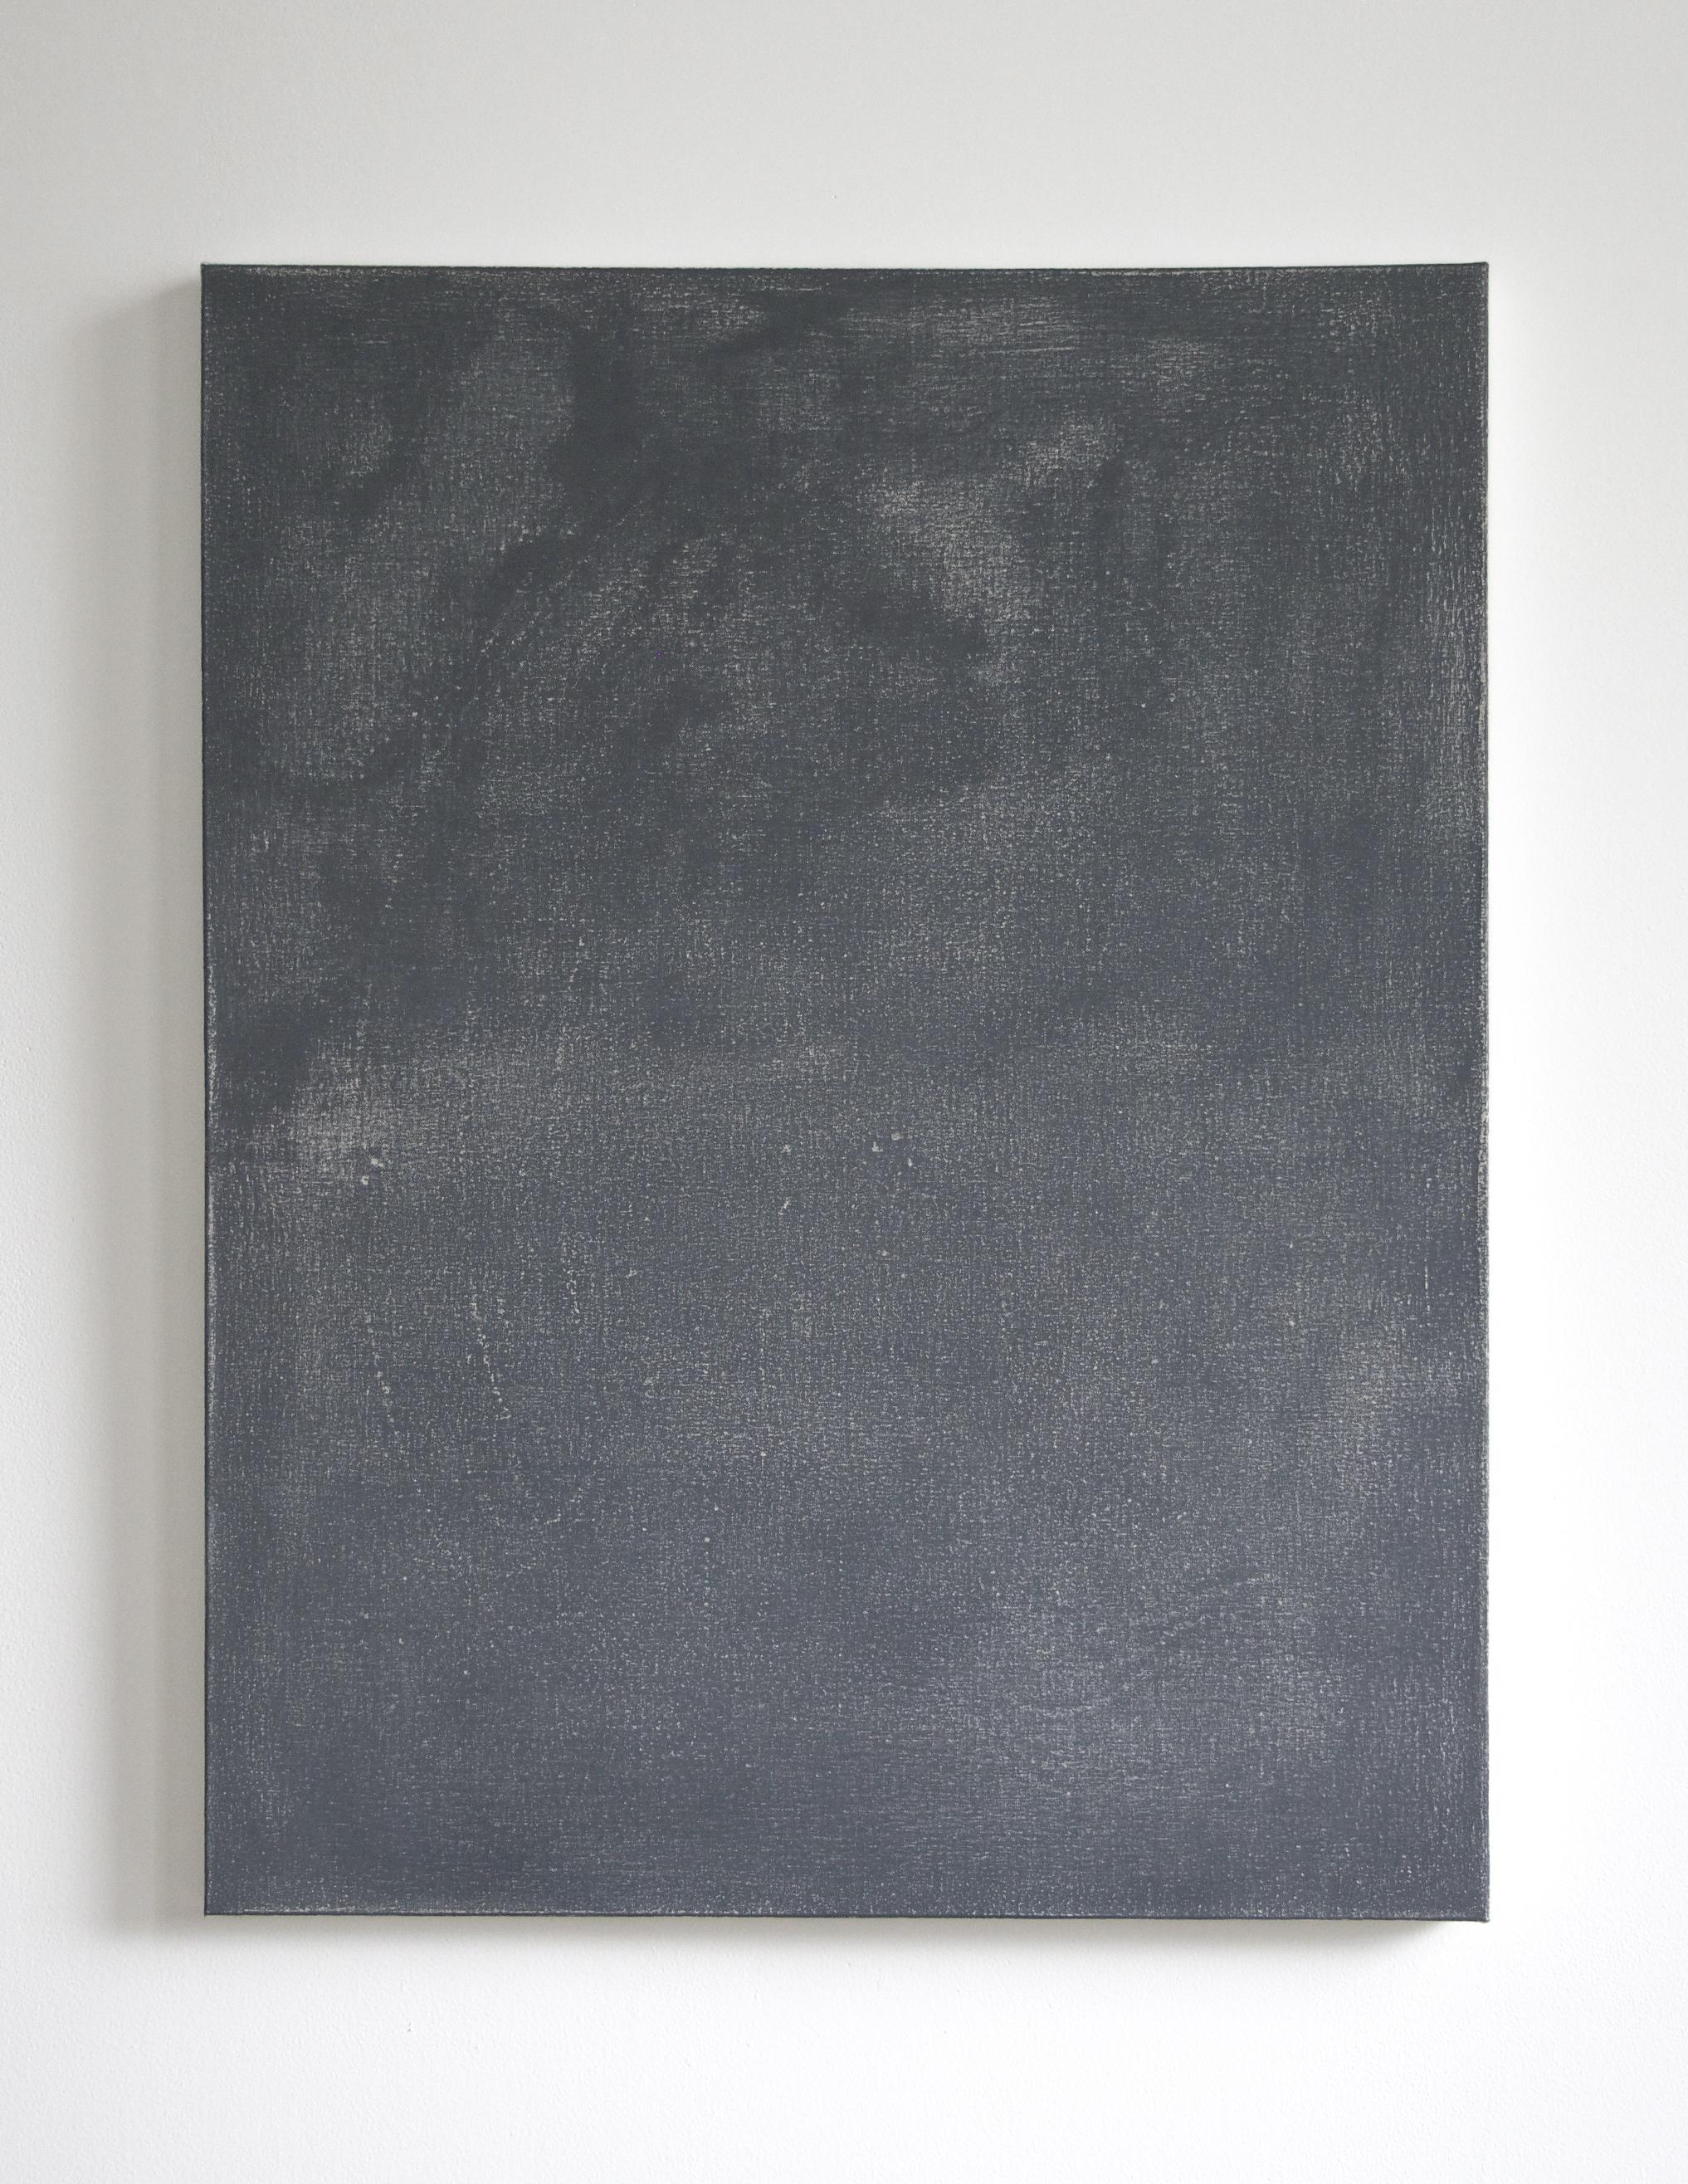 GRIS, 32%22x28%22, acrylic on canvas, 2017.jpg